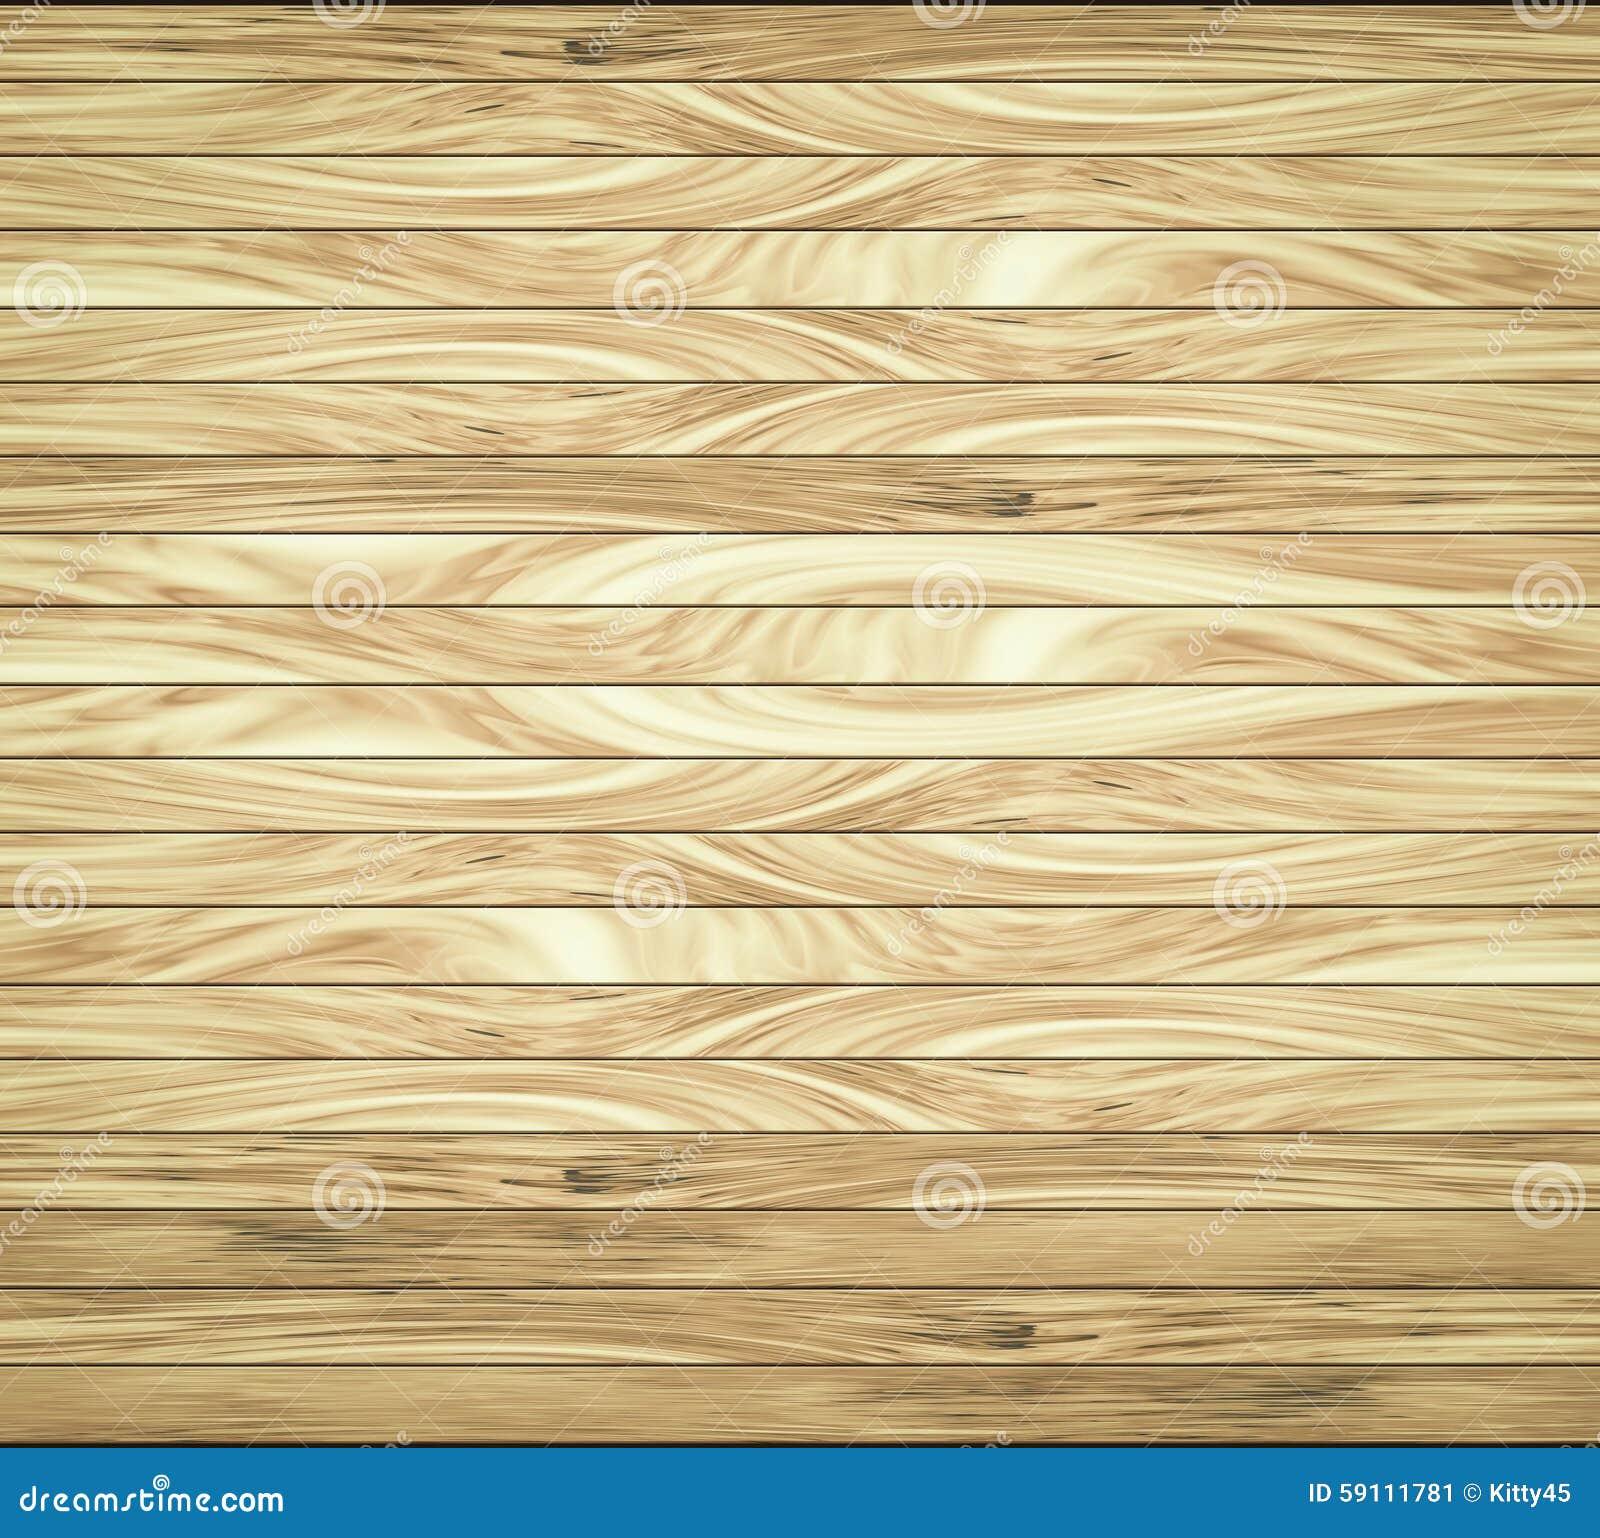 抽象木板台背景